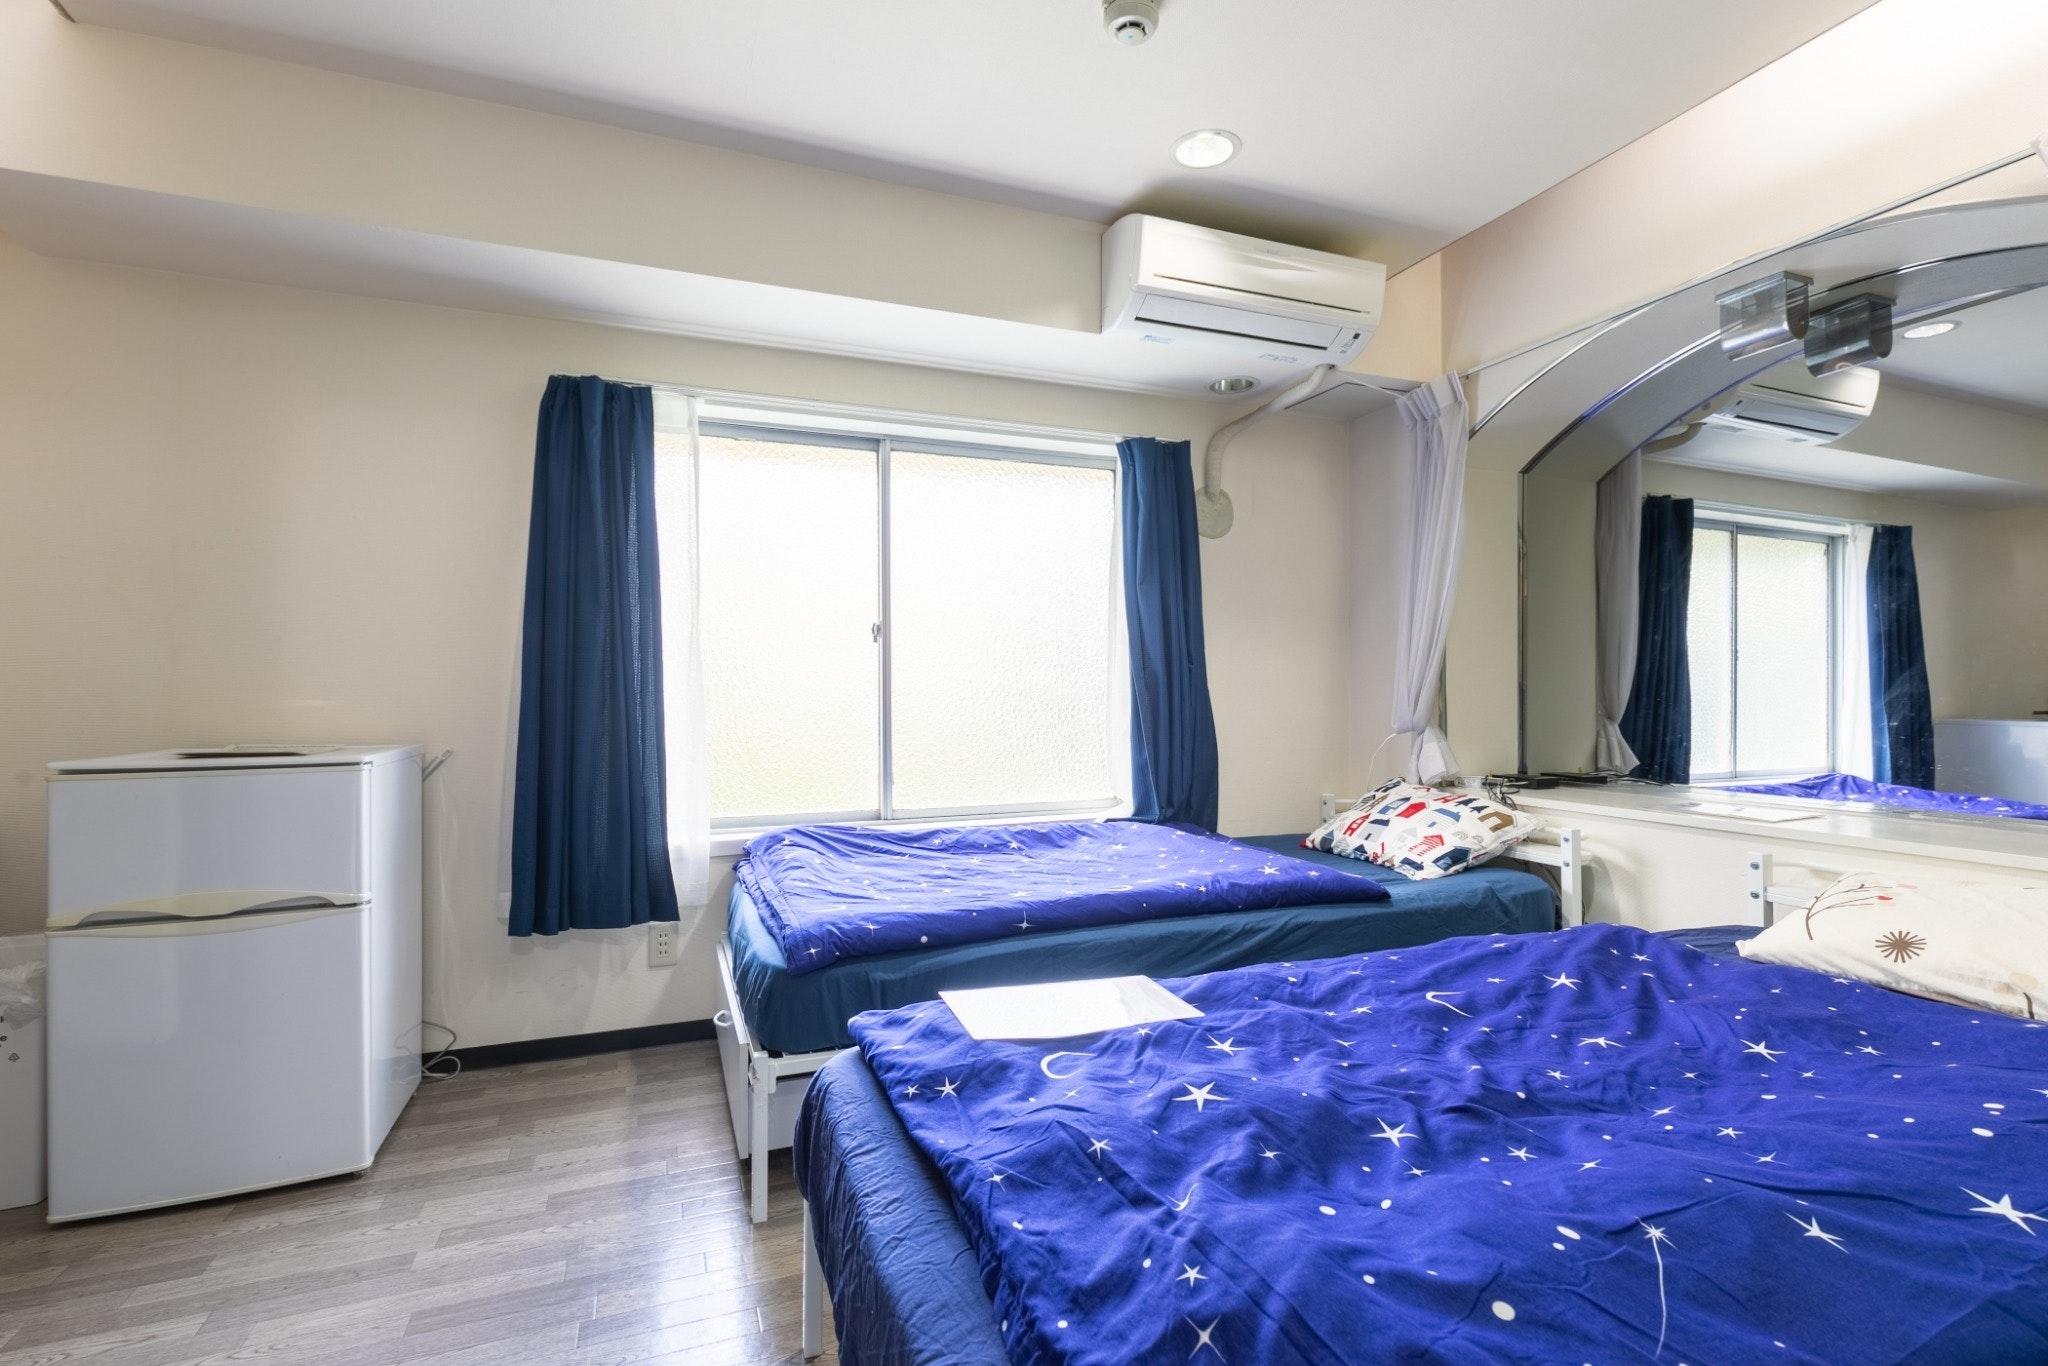 三喜会館赤羽 205号室 [東京]